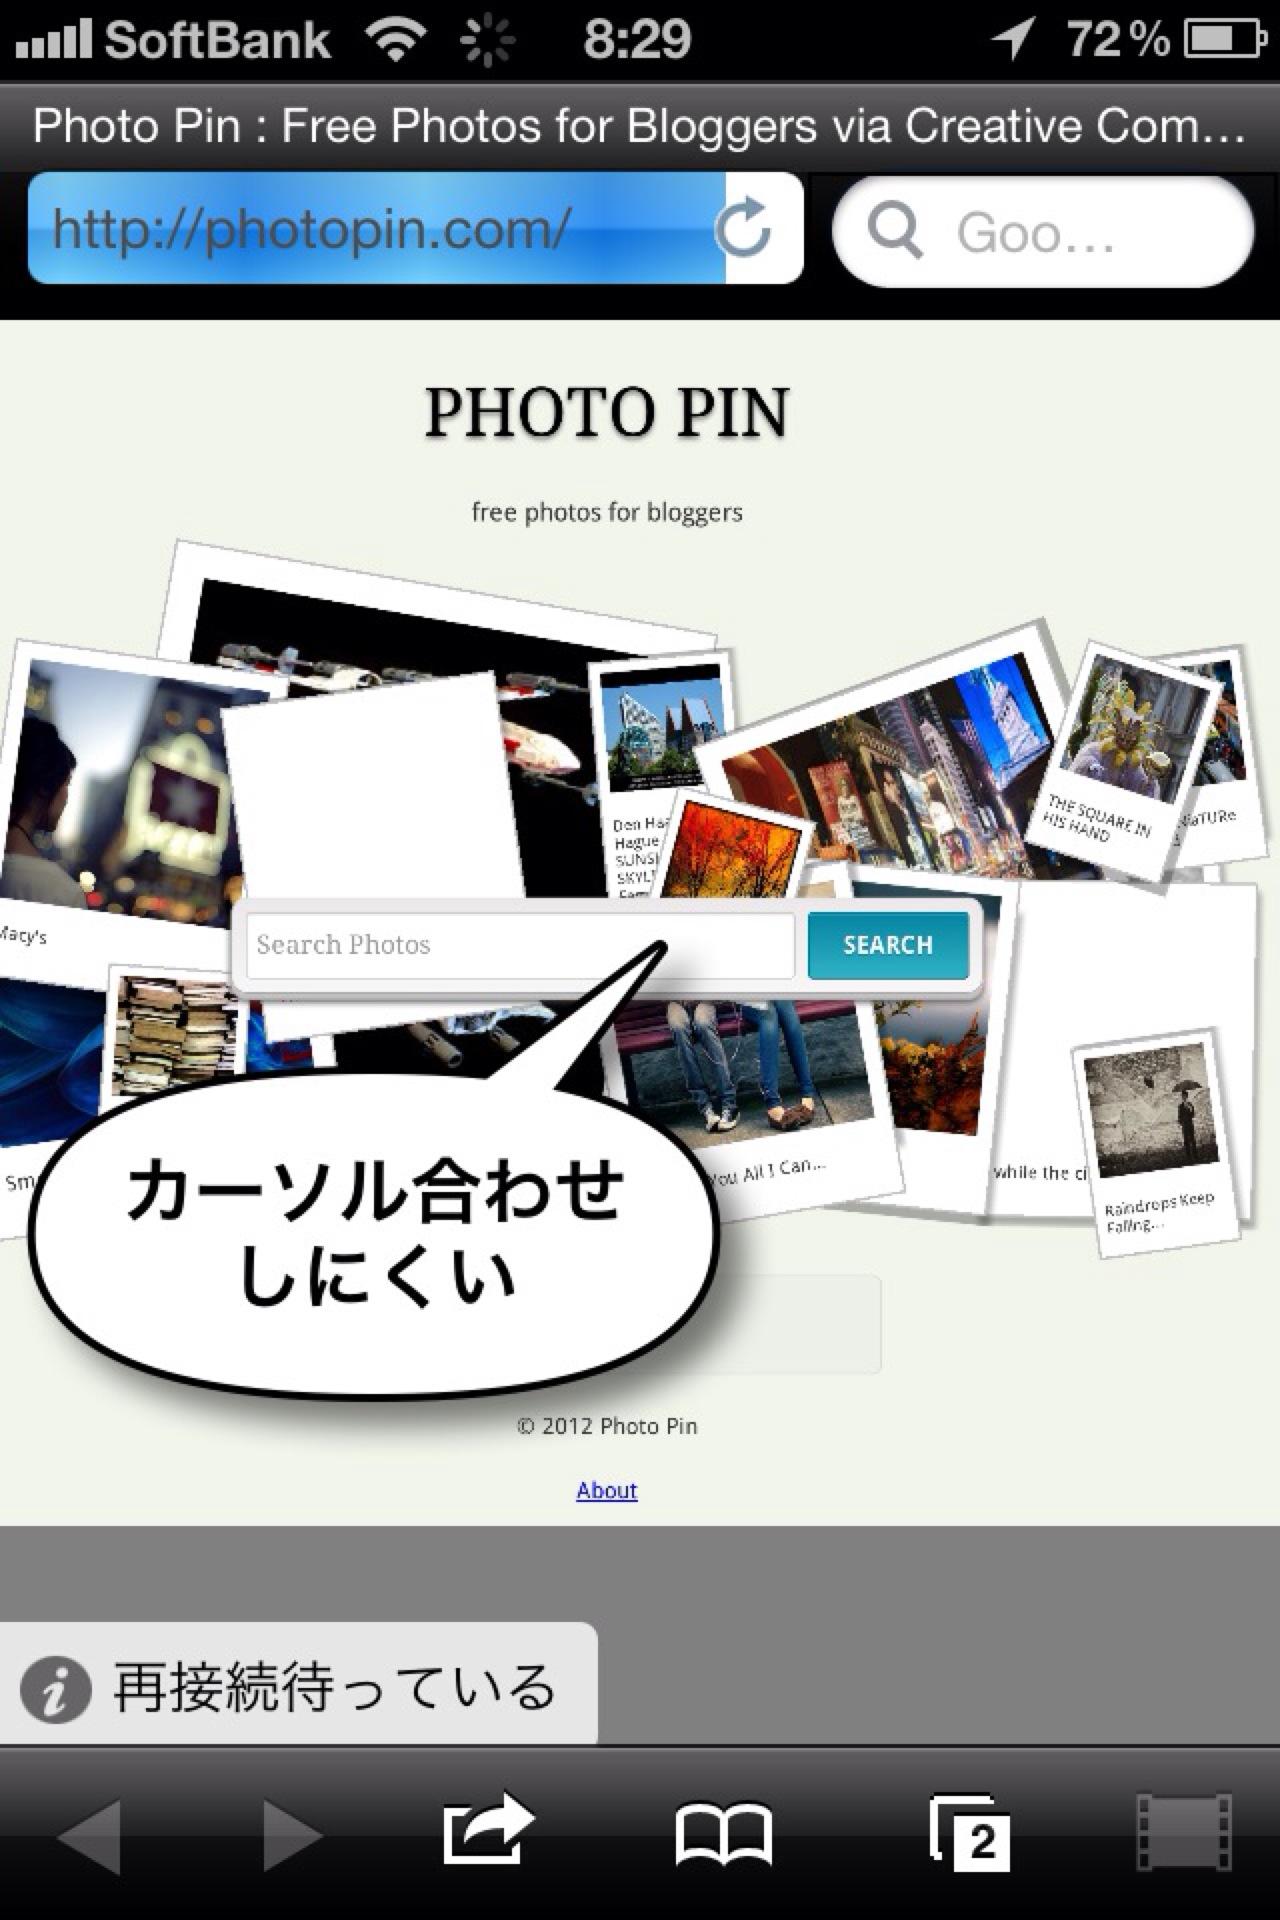 さらに便利に!Quicka使ってiPhoneから素早くPhoto Pinを検索!